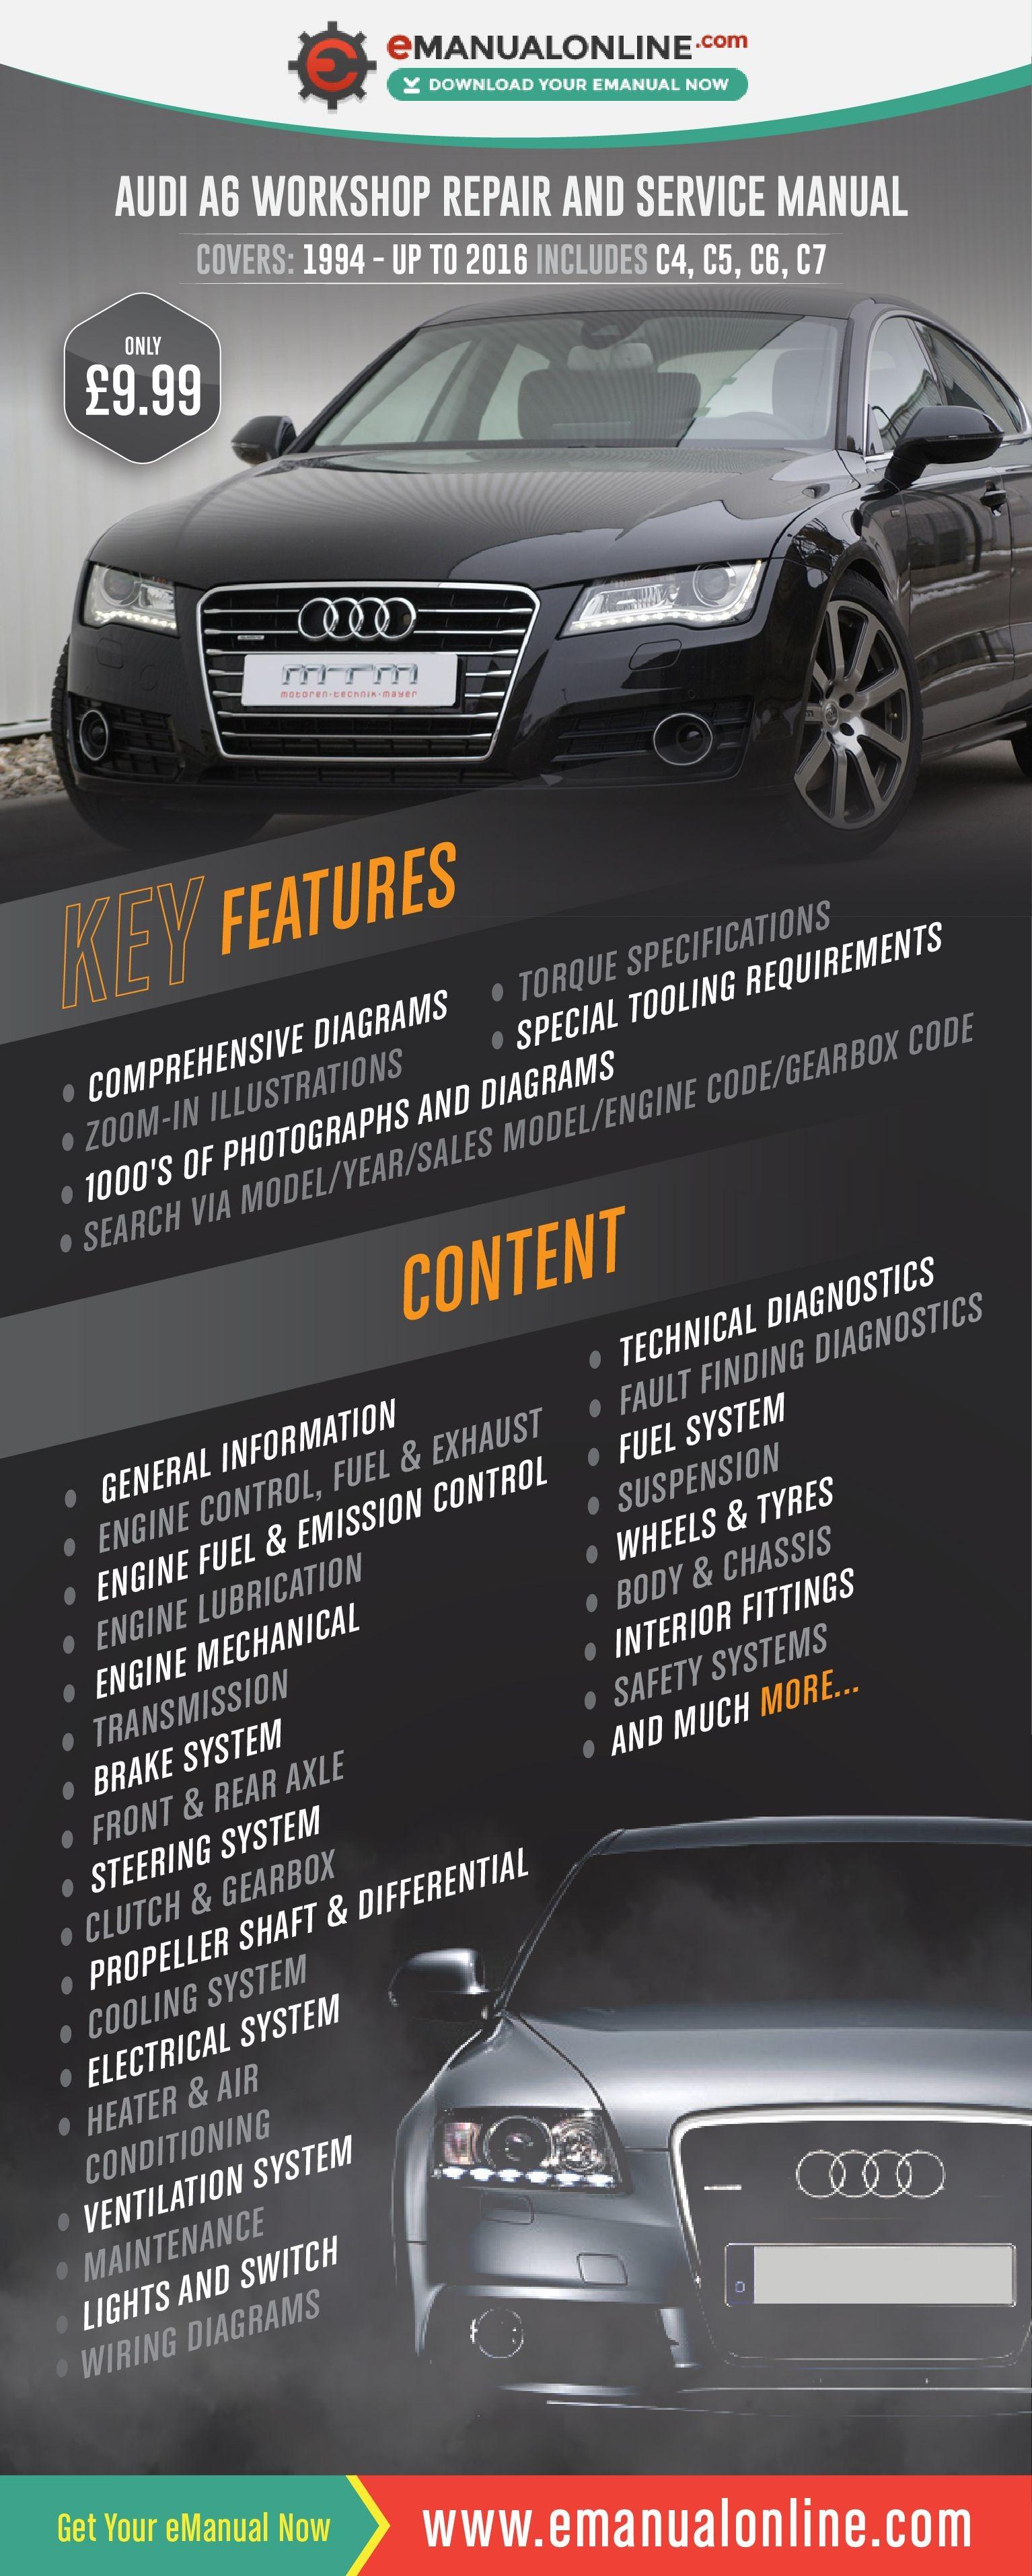 Diagram Of Car Transmission Audi A6 Workshop Repair and Service Manual